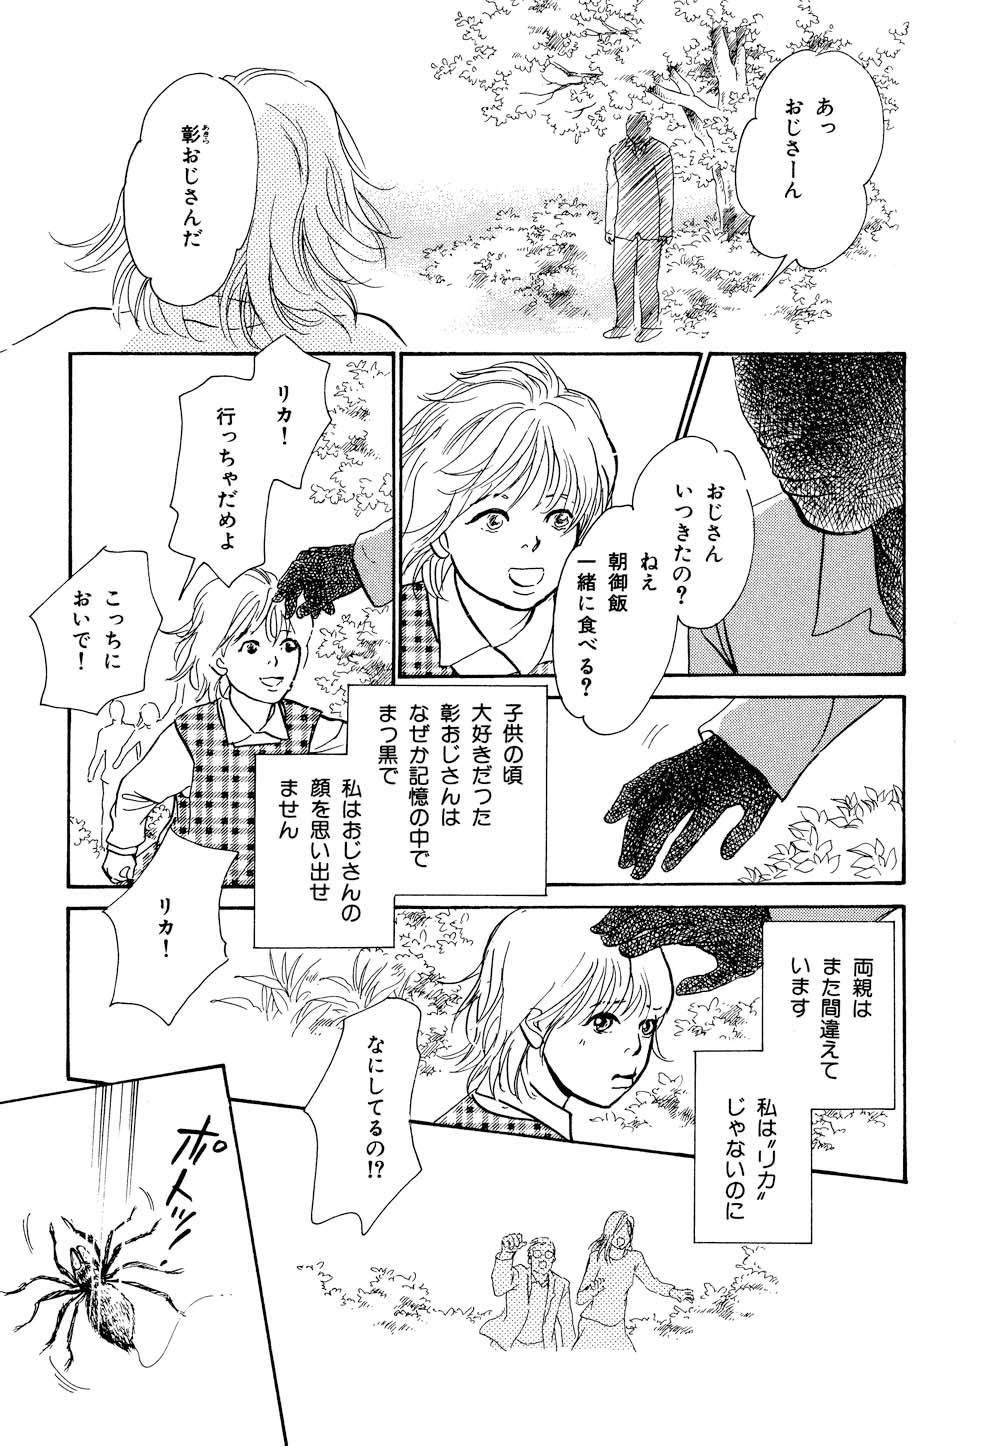 百鬼夜行抄_12_0155.jpg